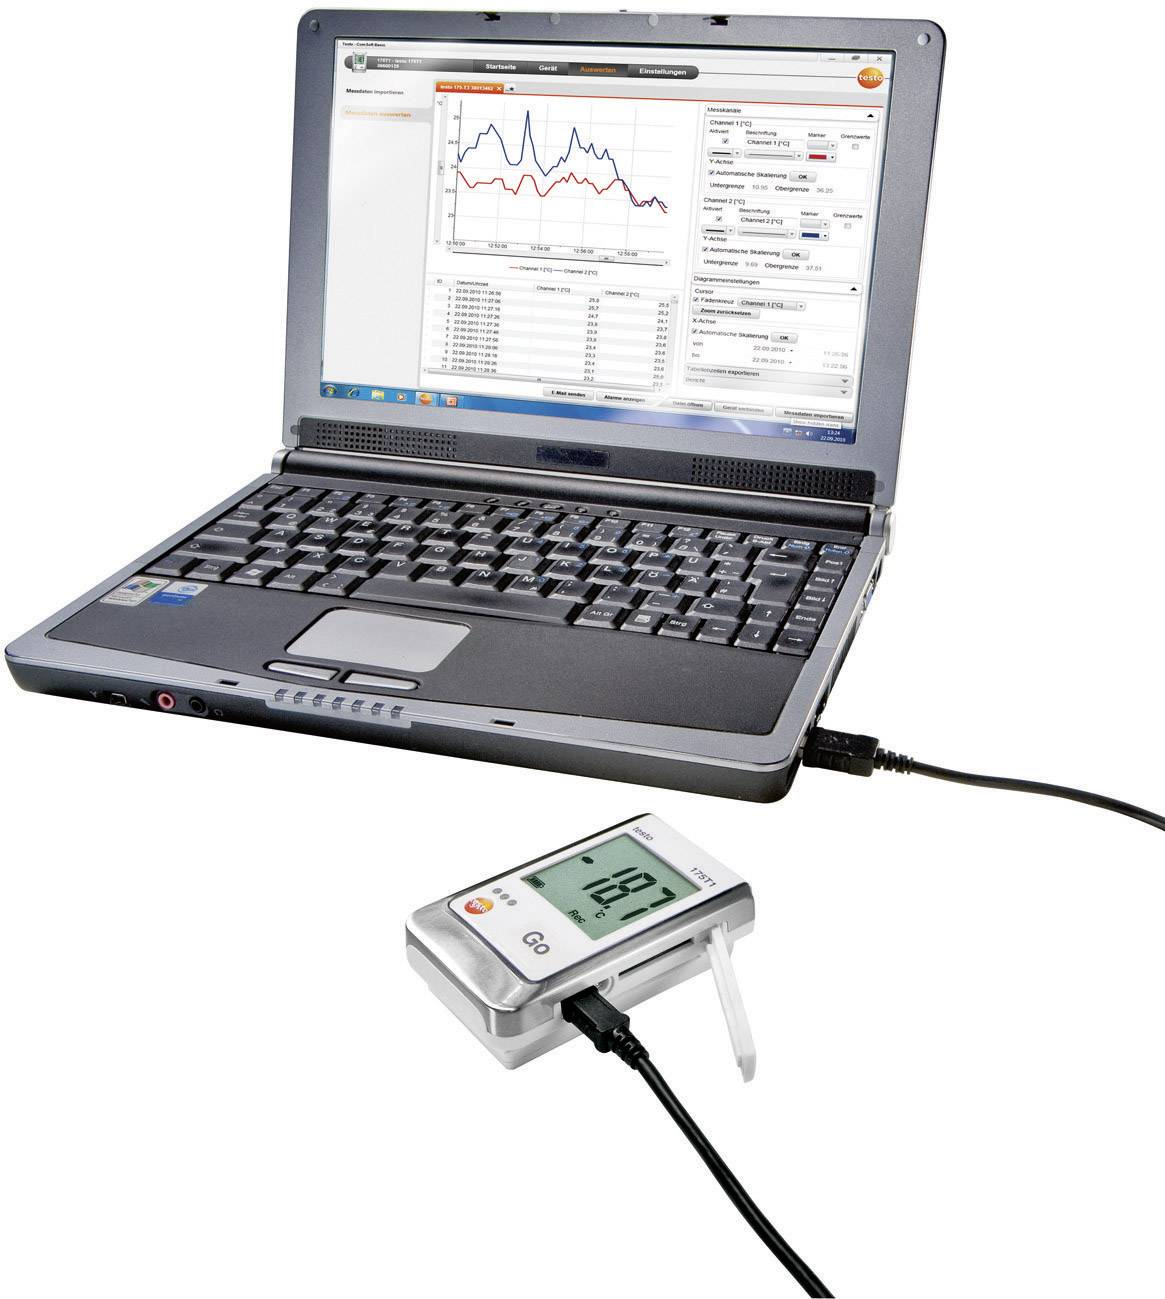 Teplotný/vlhkostný datalogger testo 176 P1, -20 až +70 °C